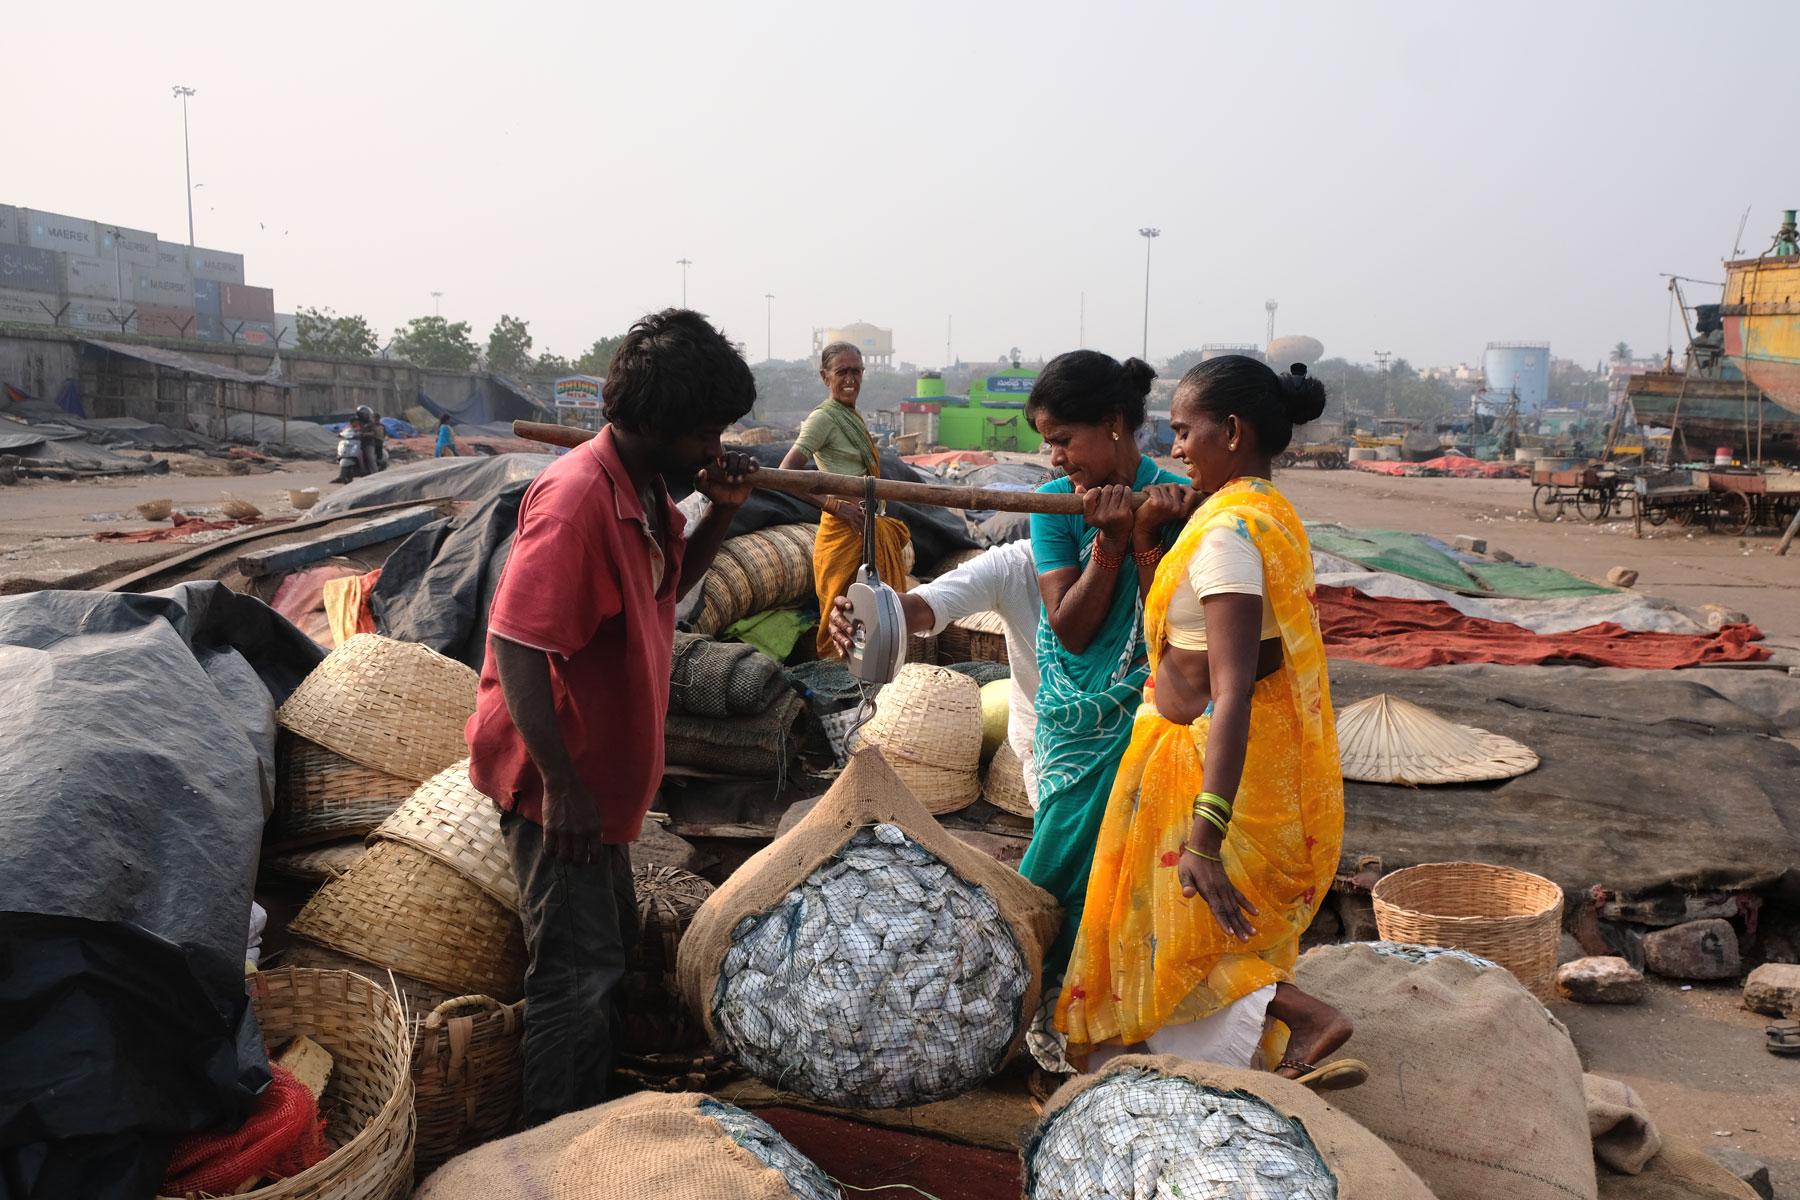 Indische Menschen wiegen am Hafen von Visakhapatnam getrockneten Fisch.